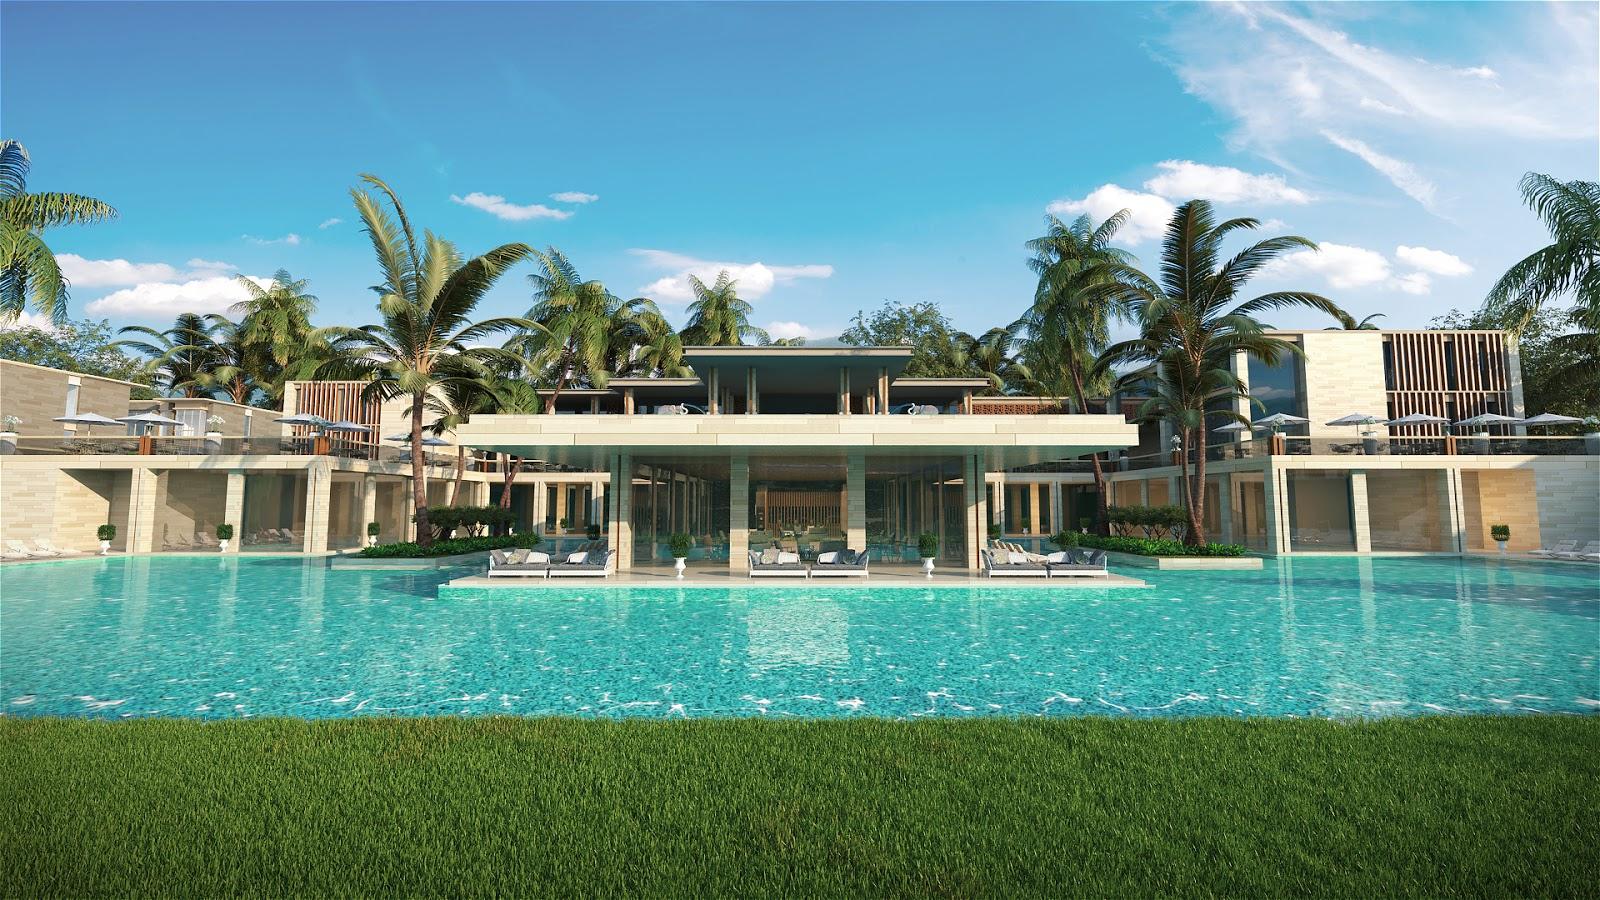 Bể bơi hiện đại tại các khu Villa hạng sang